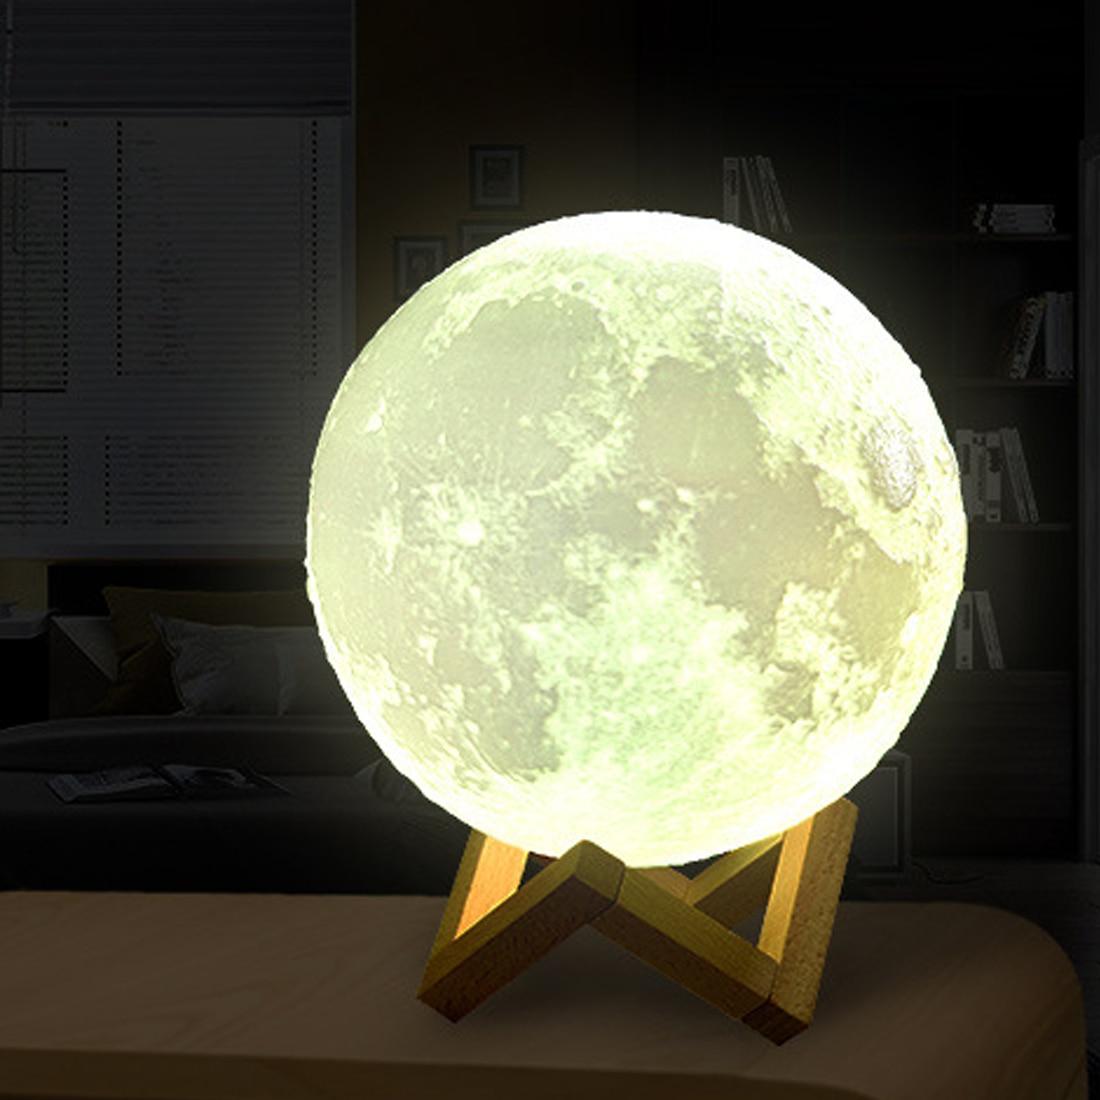 3D печать Лунная лампа 8-20 см USB светодиодный сенсорный светильник Luminaria светильник ing спальня лампа ночник светильник изменение цвета светил...